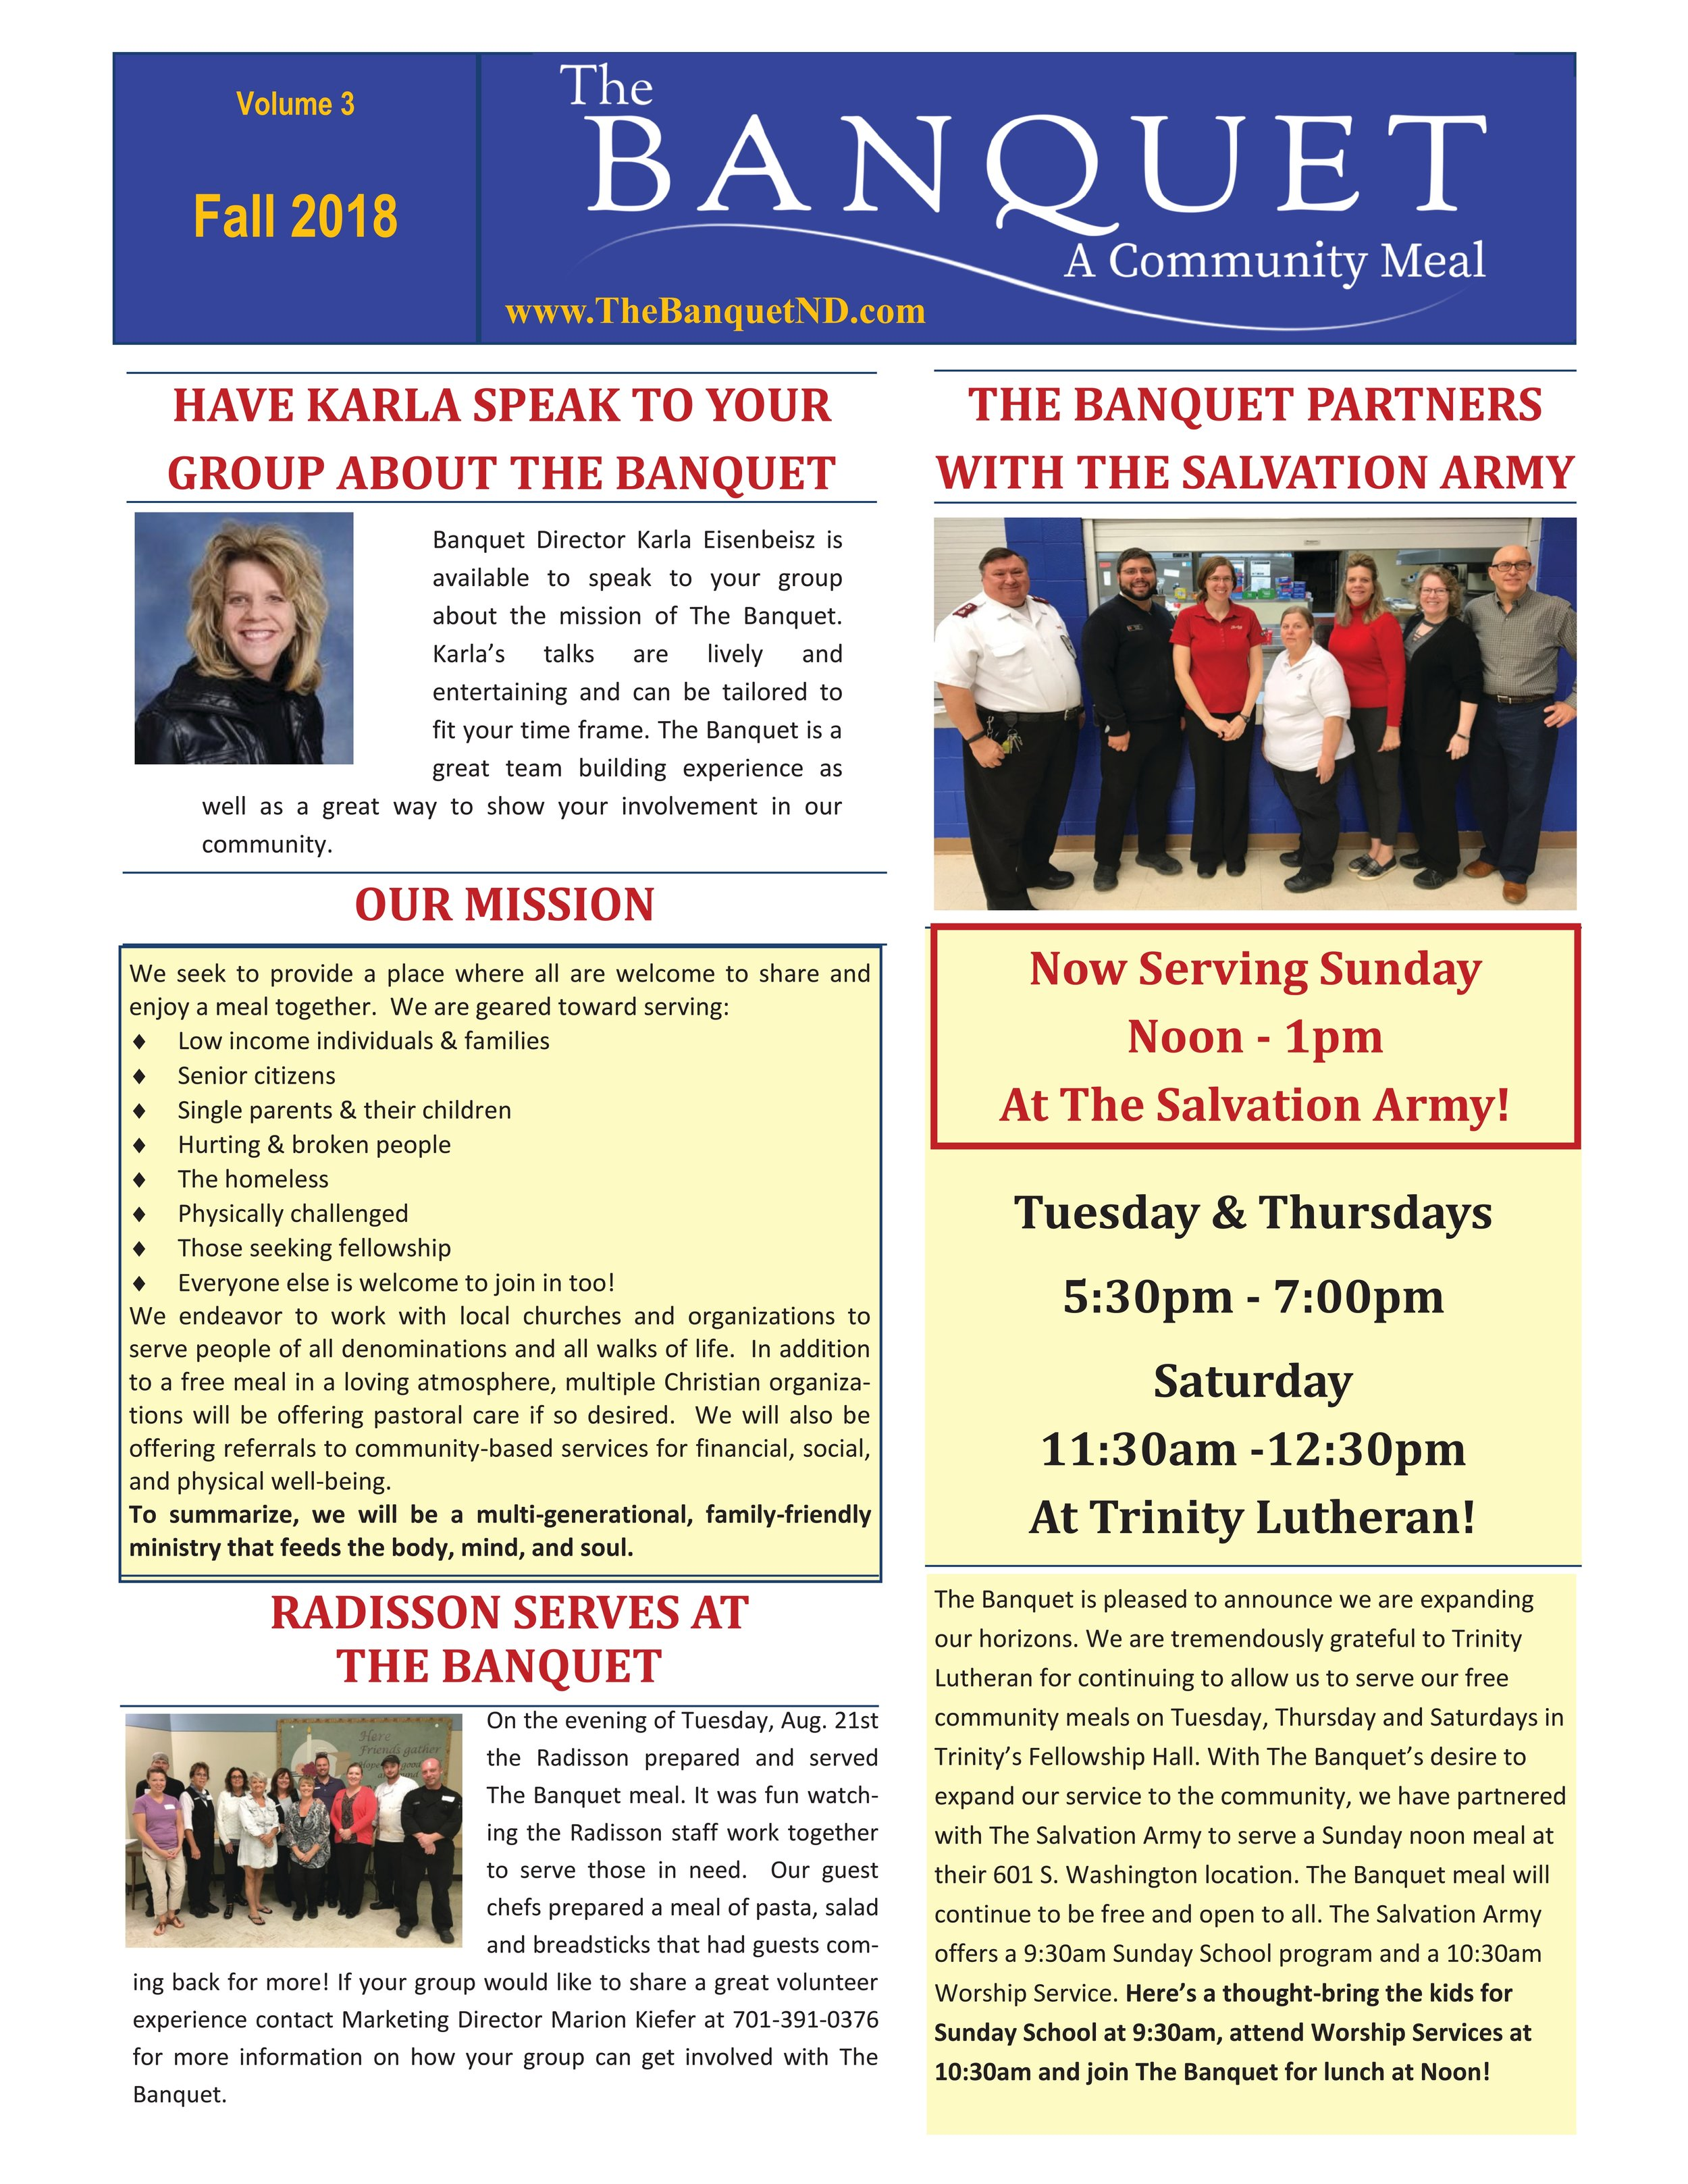 Banquet Newsletter Insert-FINAL-Sept. 2018_001.jpg